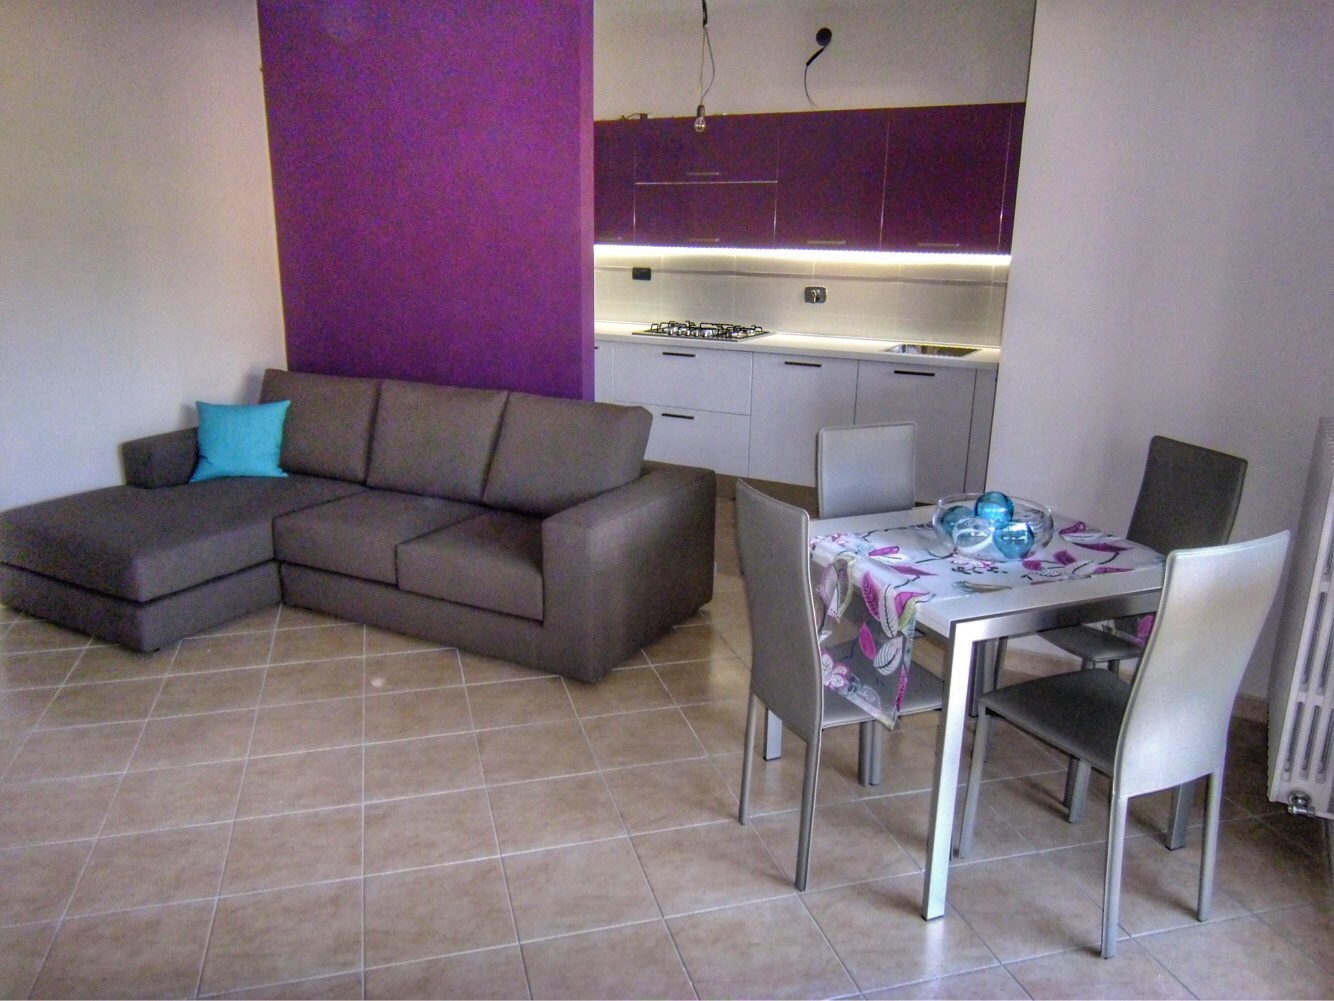 progettazione_zona_giorno_salotto_cucina_sara_rombola_pink_house_torino_talenti_eventi_7